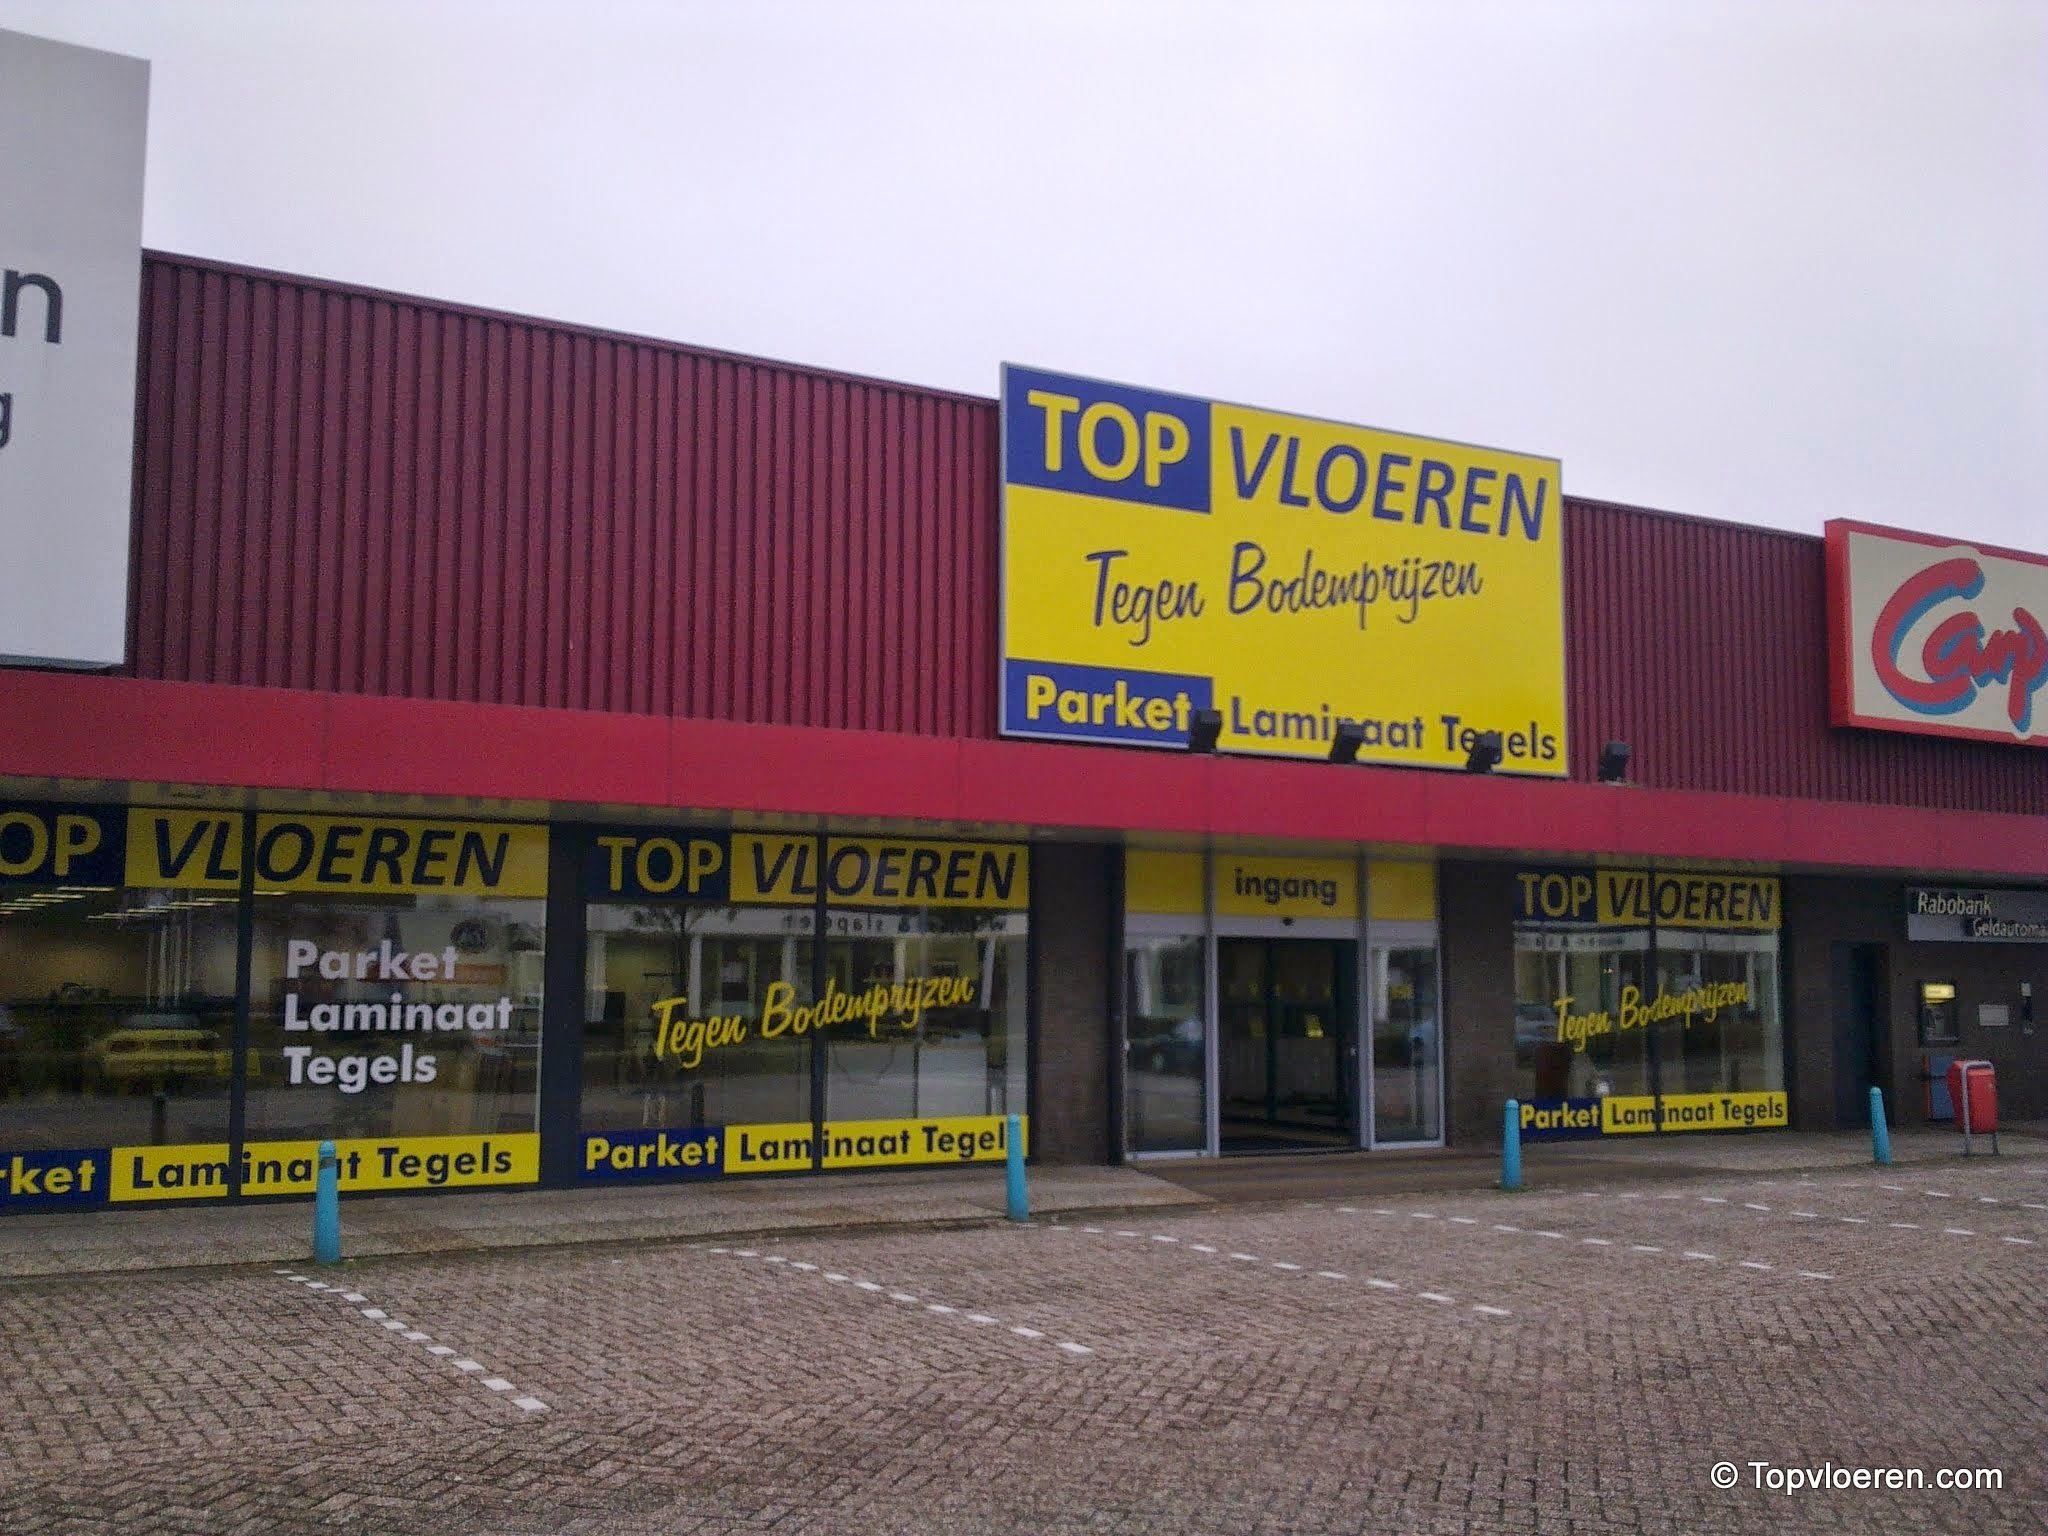 Topvloeren Waalwijk.  Adres: Prof . K. Onnesweg 6, 5144 NR in Waalwijk.